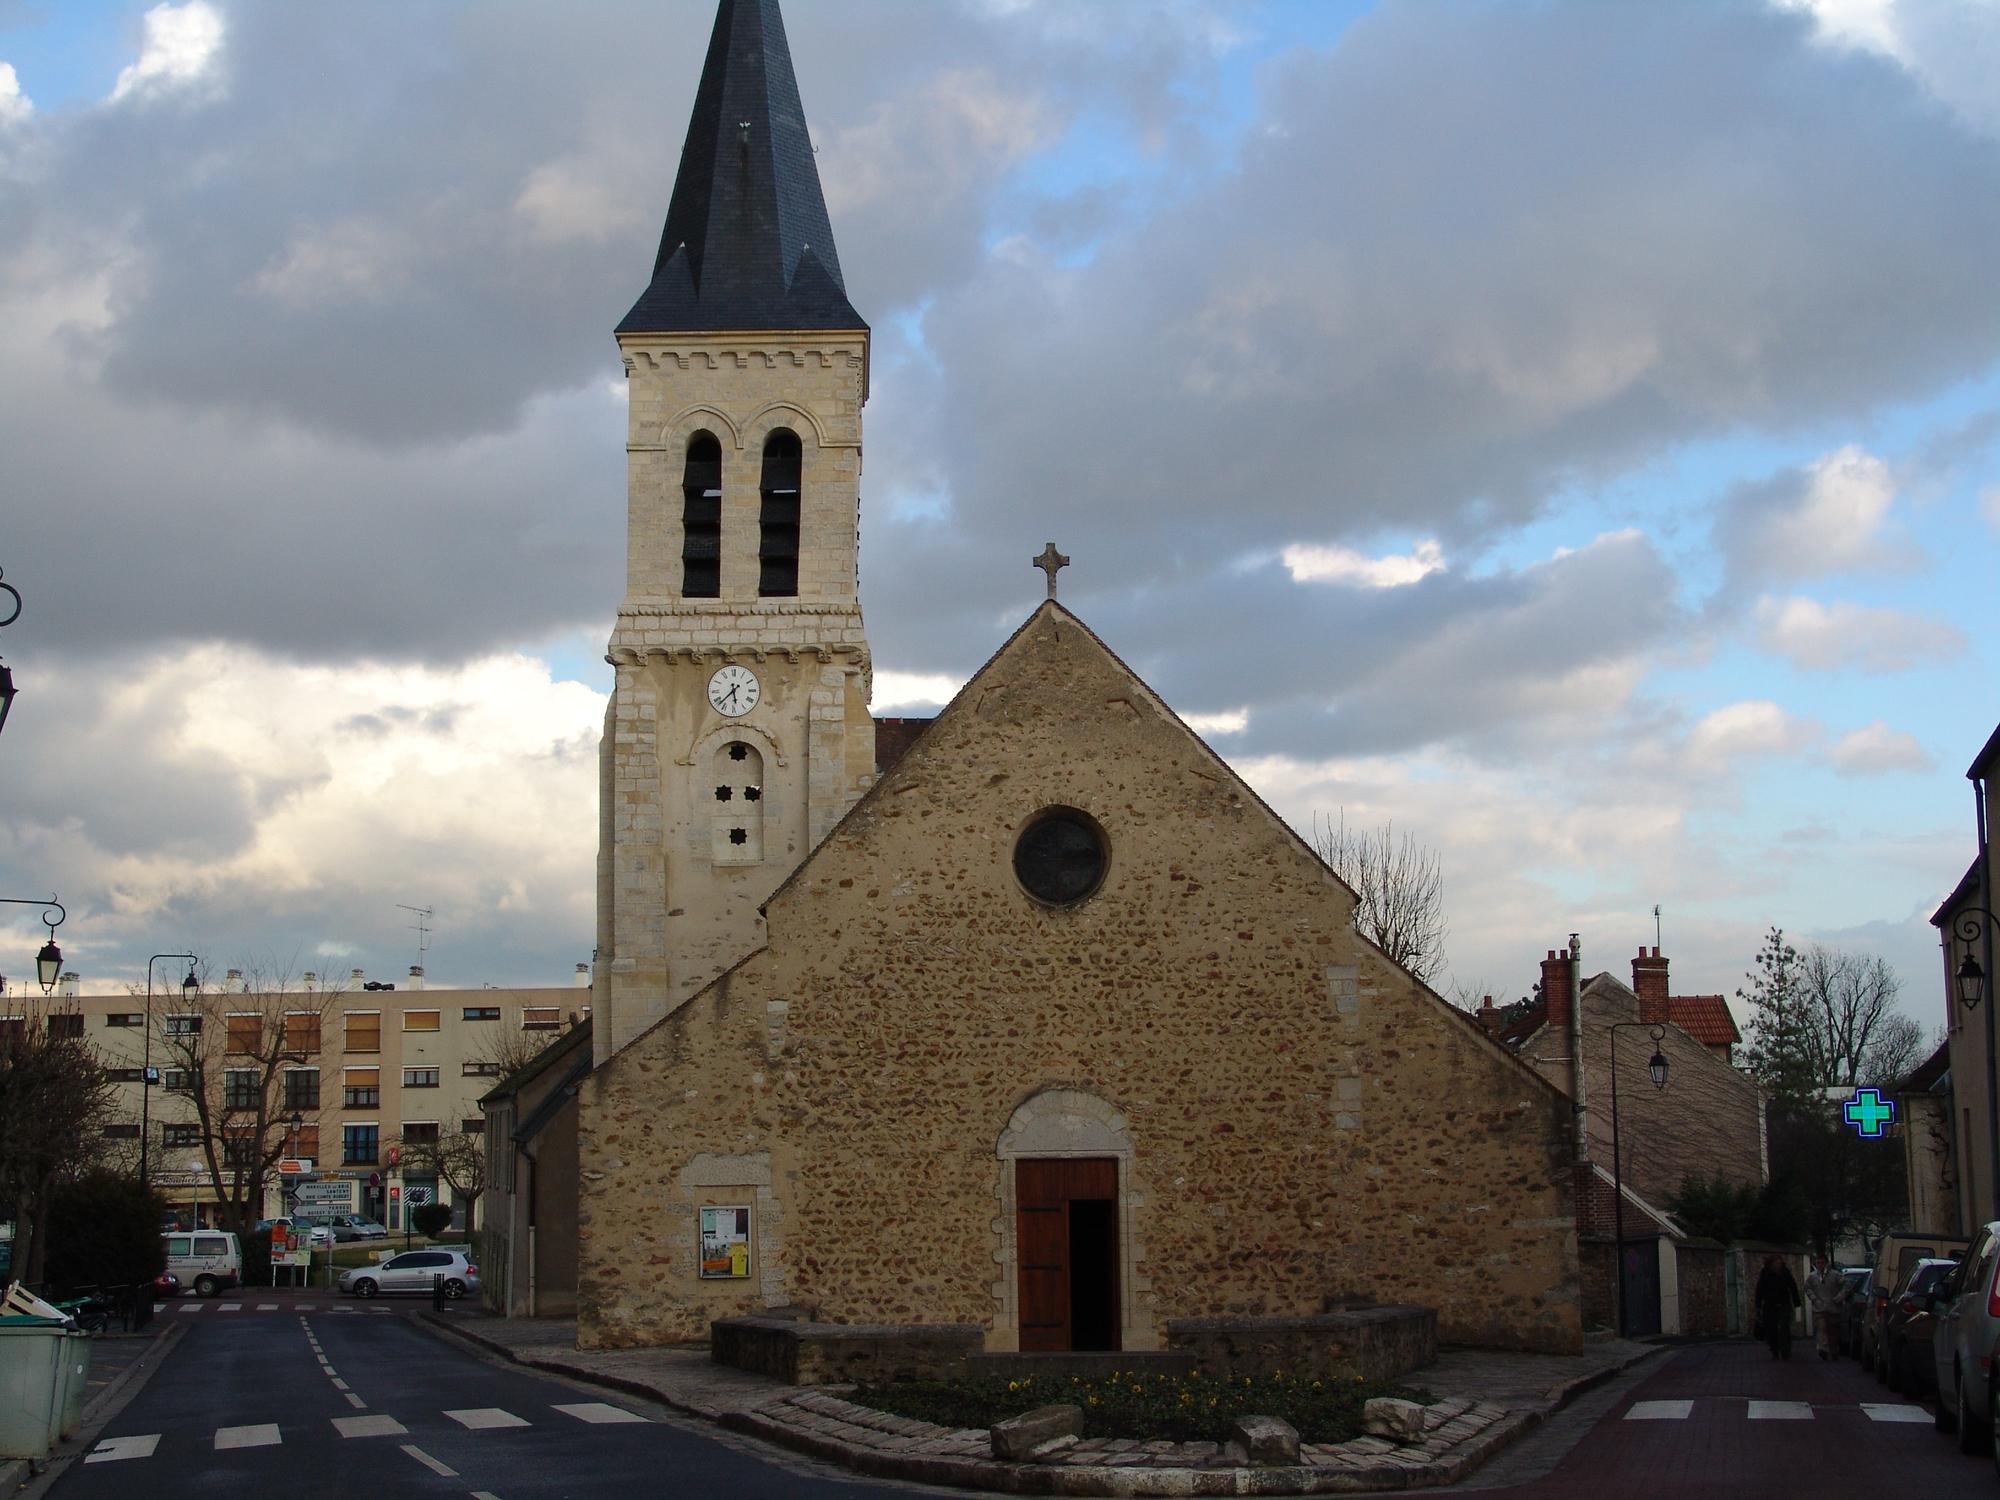 Eglise-Villecresnes-01